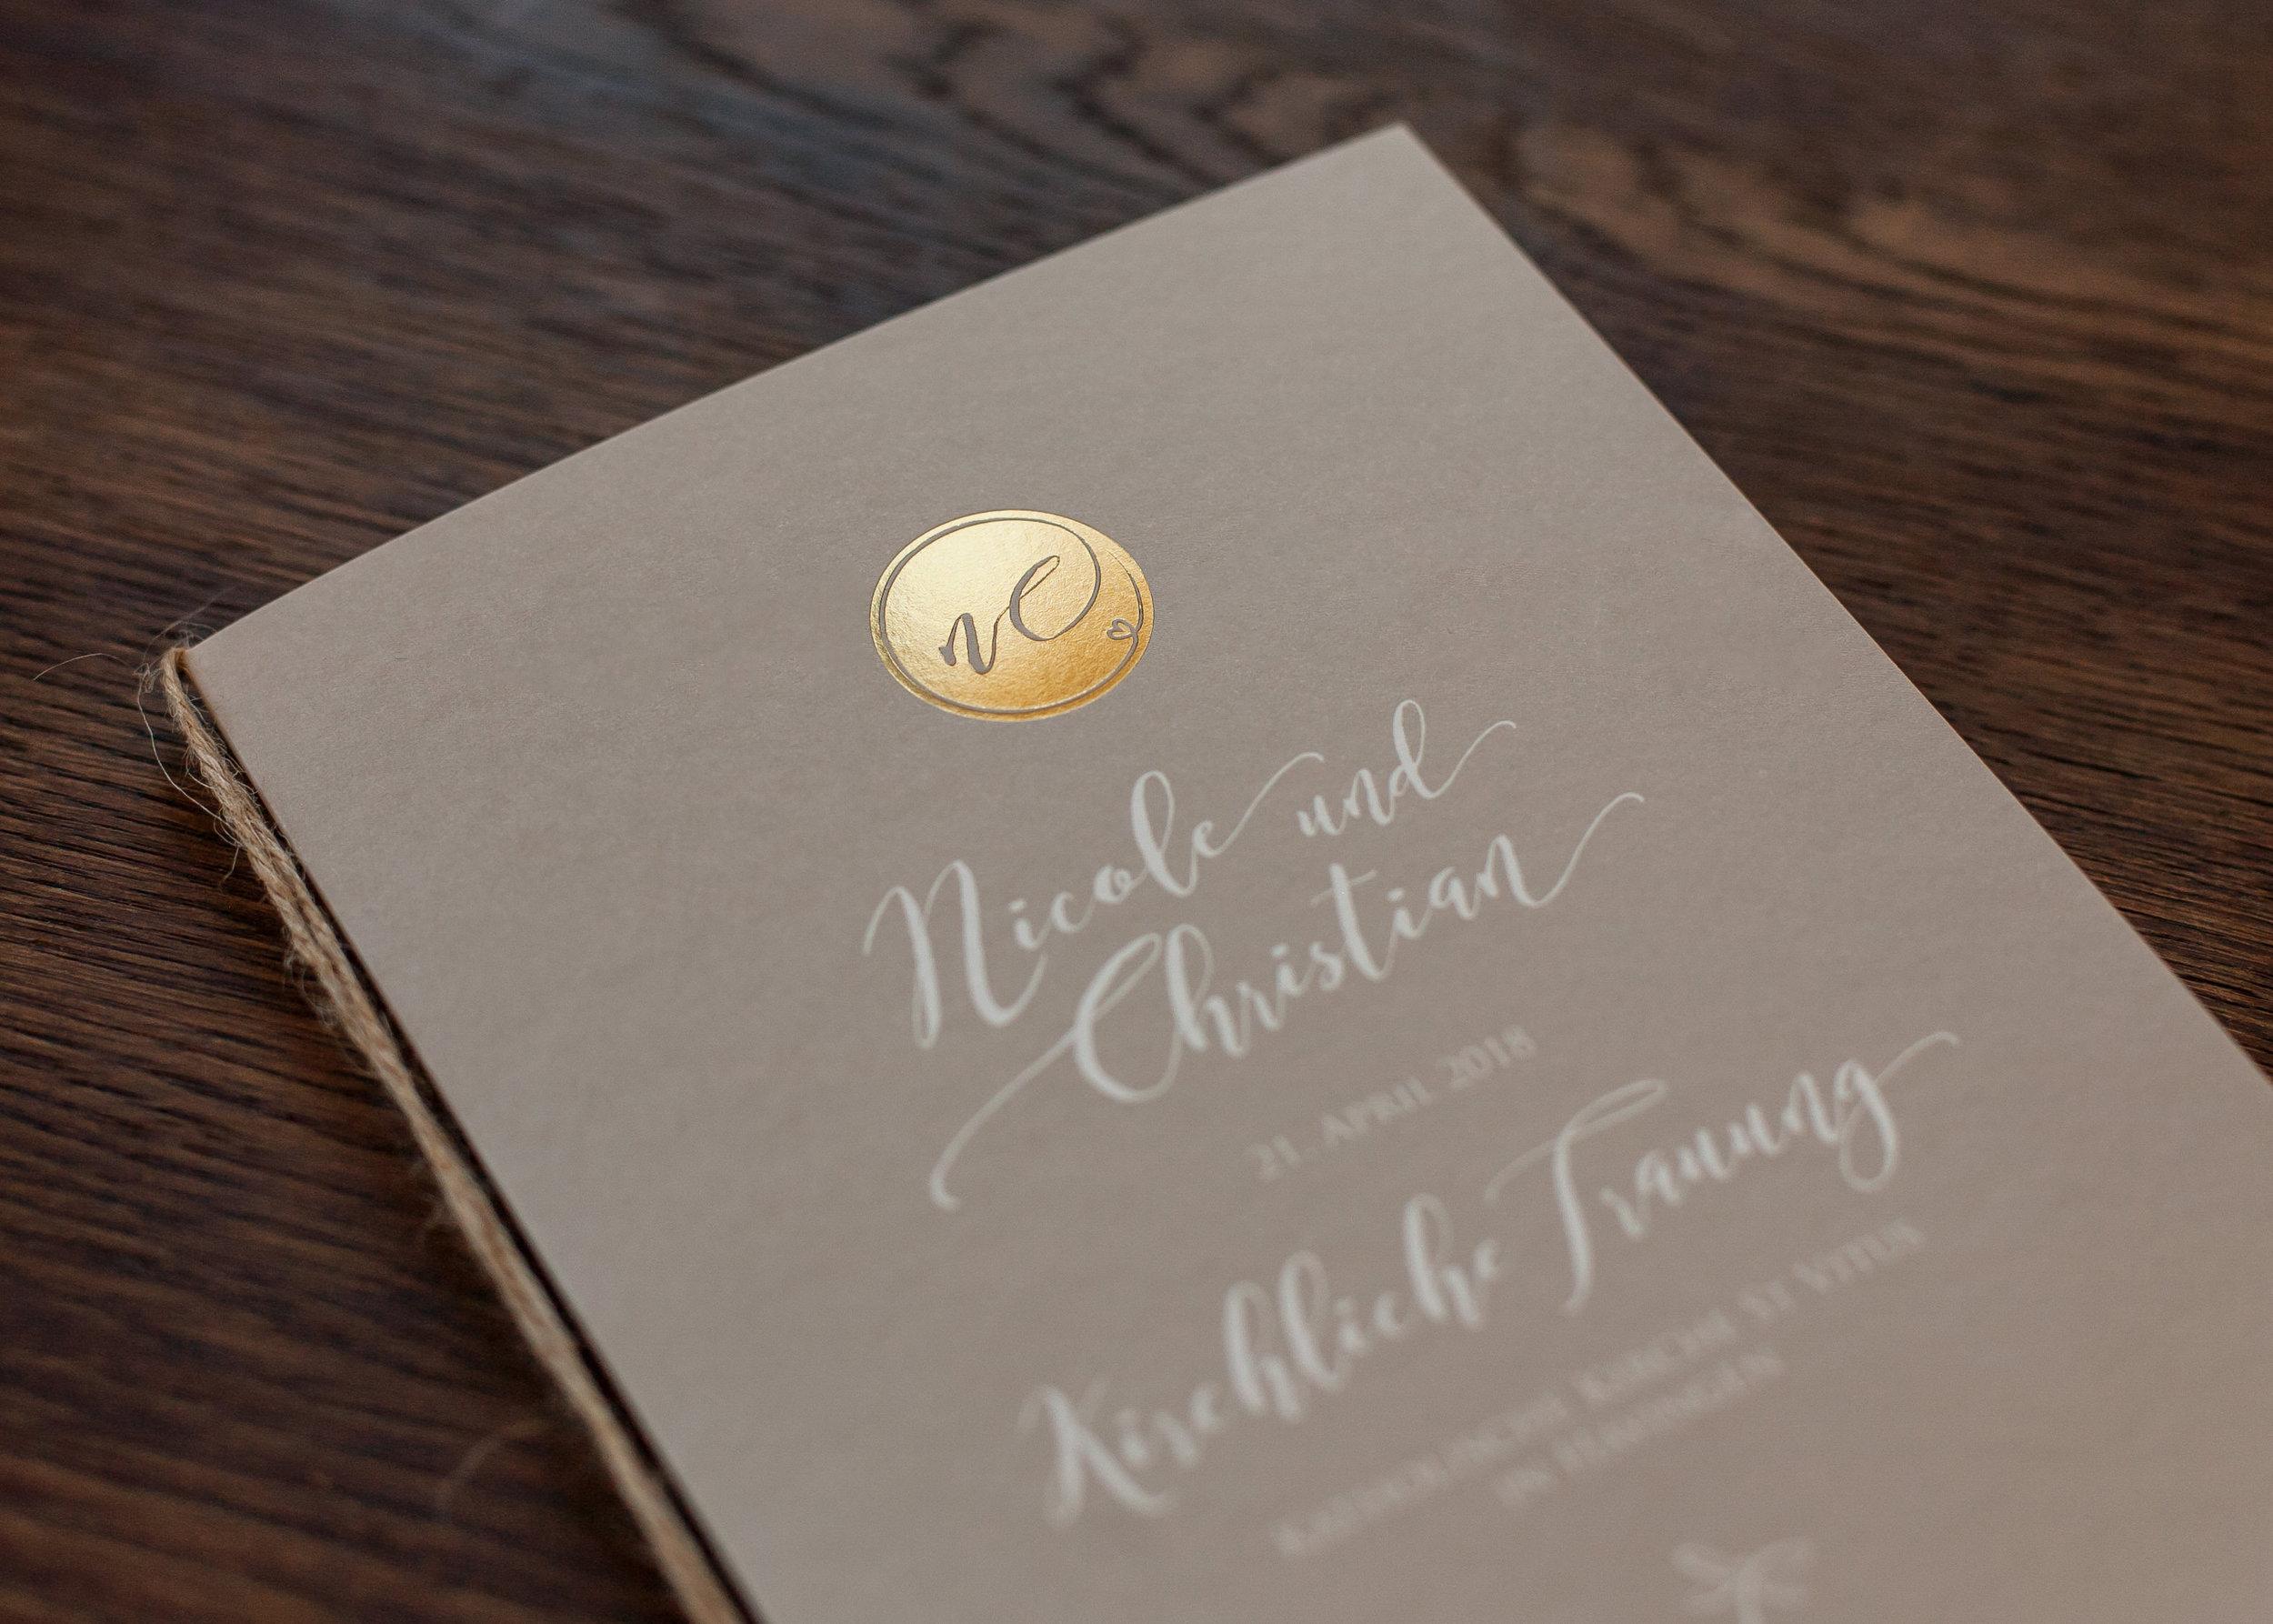 Detailansicht Kirchenheftumschlag, Goldprägung, Heißfolienprägung Gold